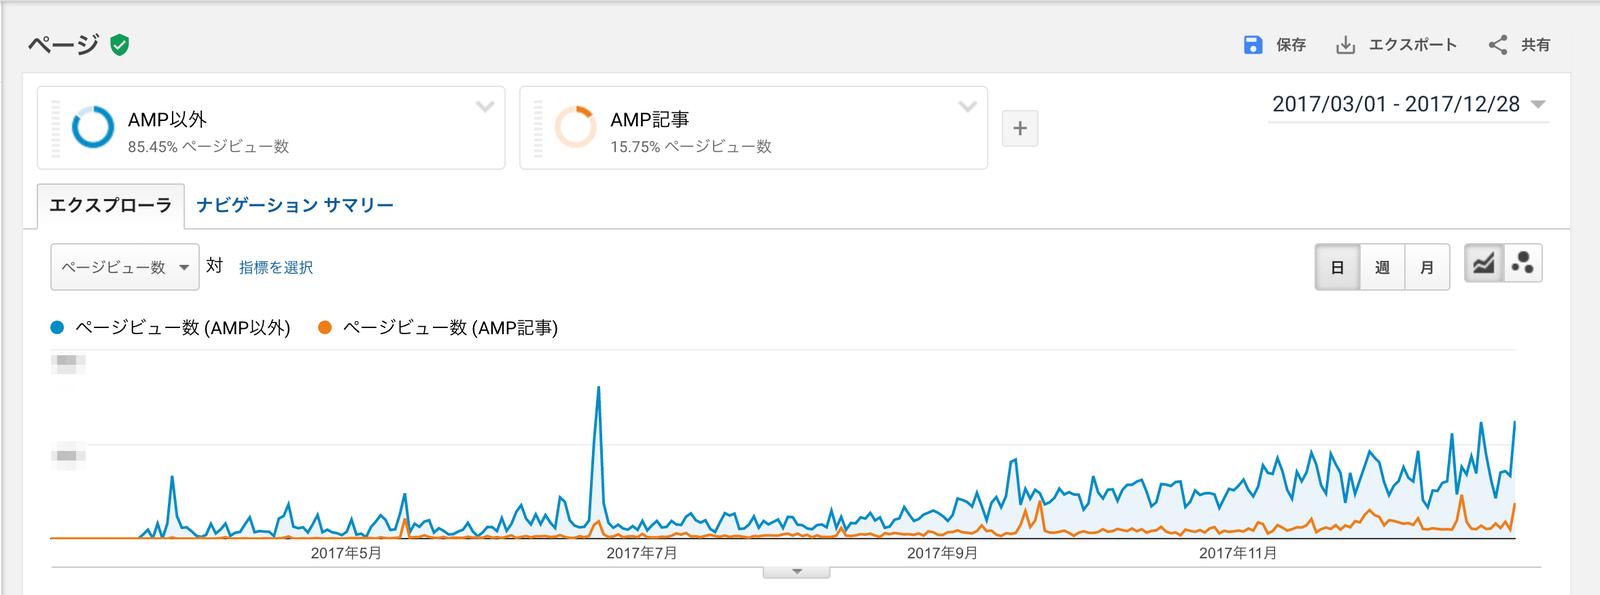 このブログのAMP流入は全体の15%ほど